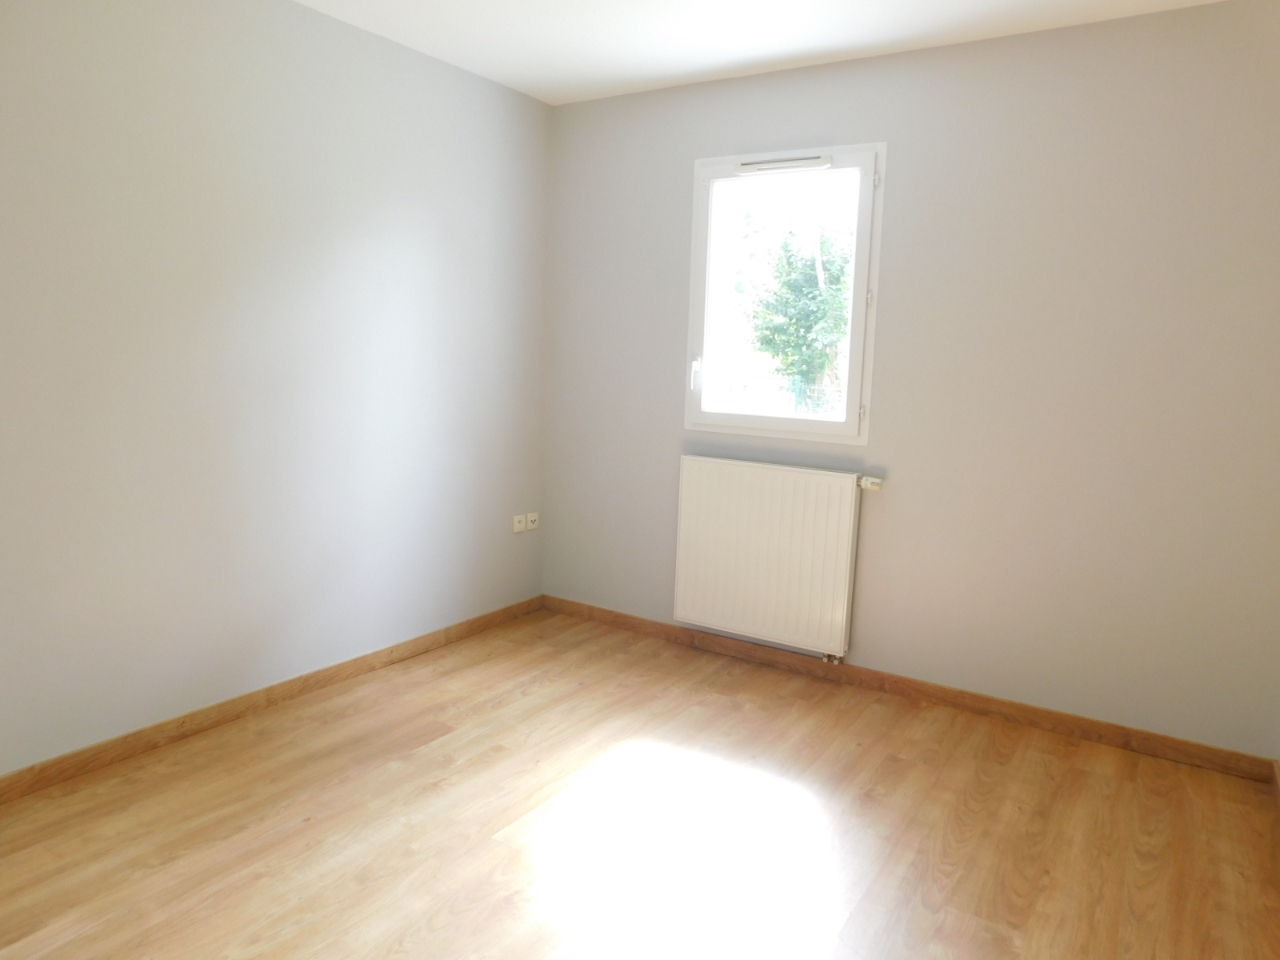 Vente appartement T2  à SAINT PEE SUR NIVELLE - 5